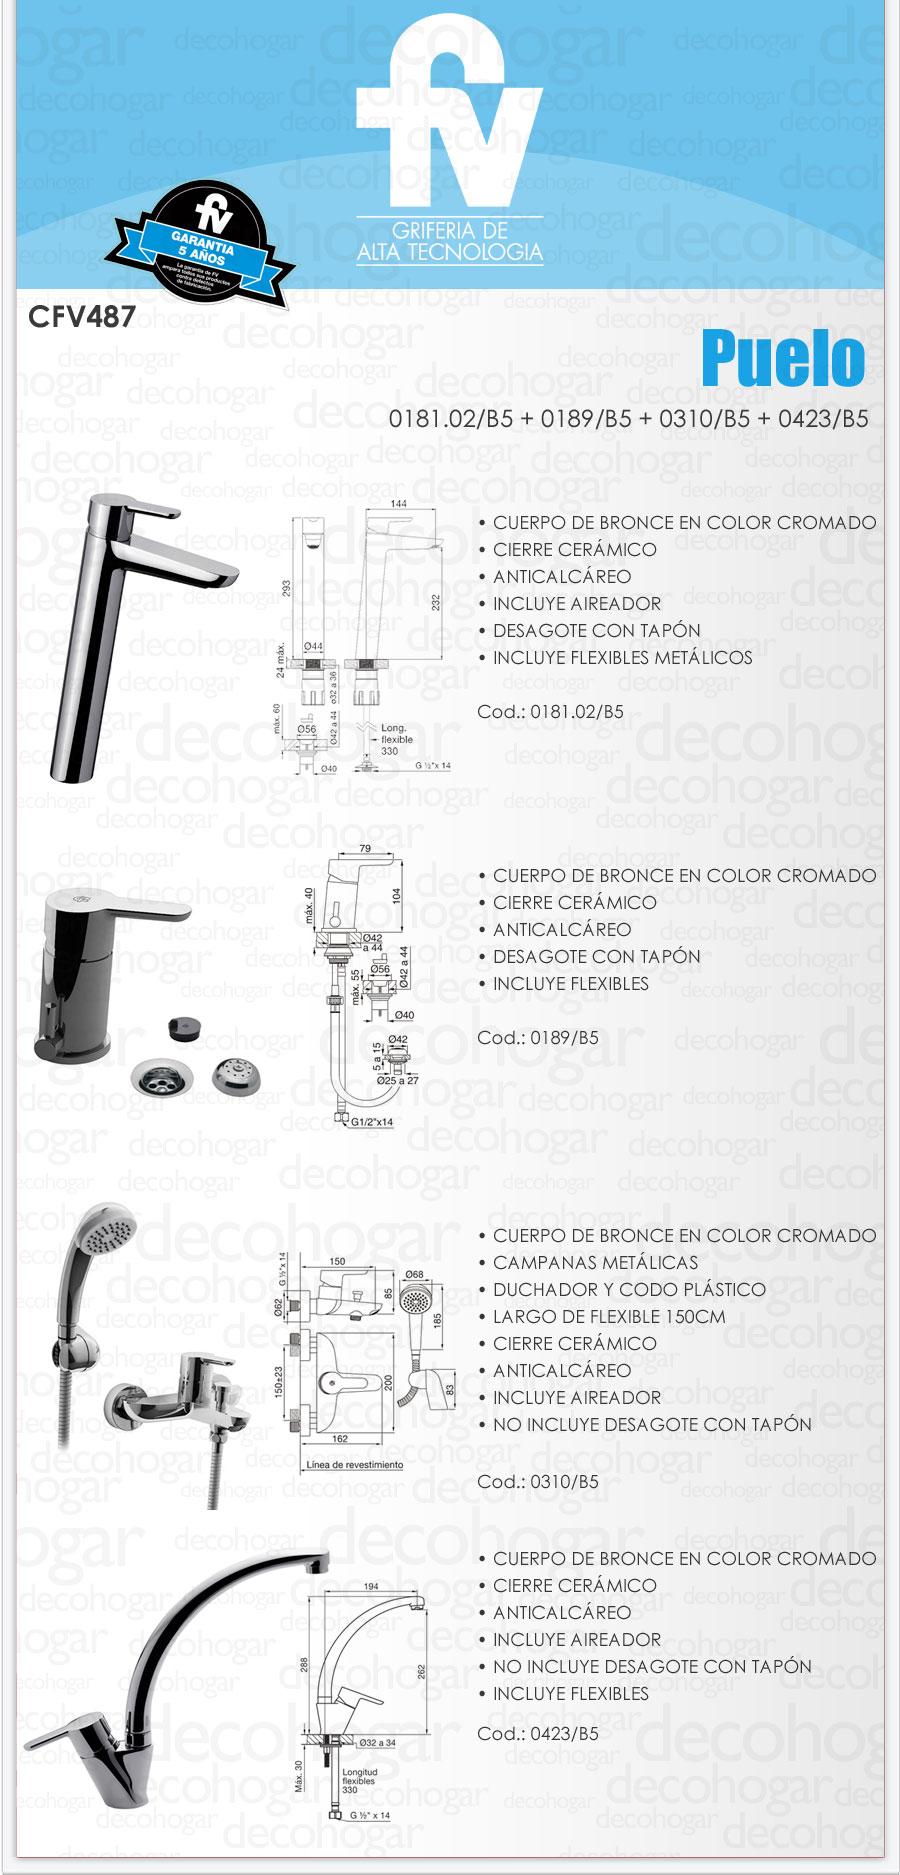 Griferia ba o fv puelo bidet lavatorio ducha cocina cfv487 for Griferia completa para bano y cocina